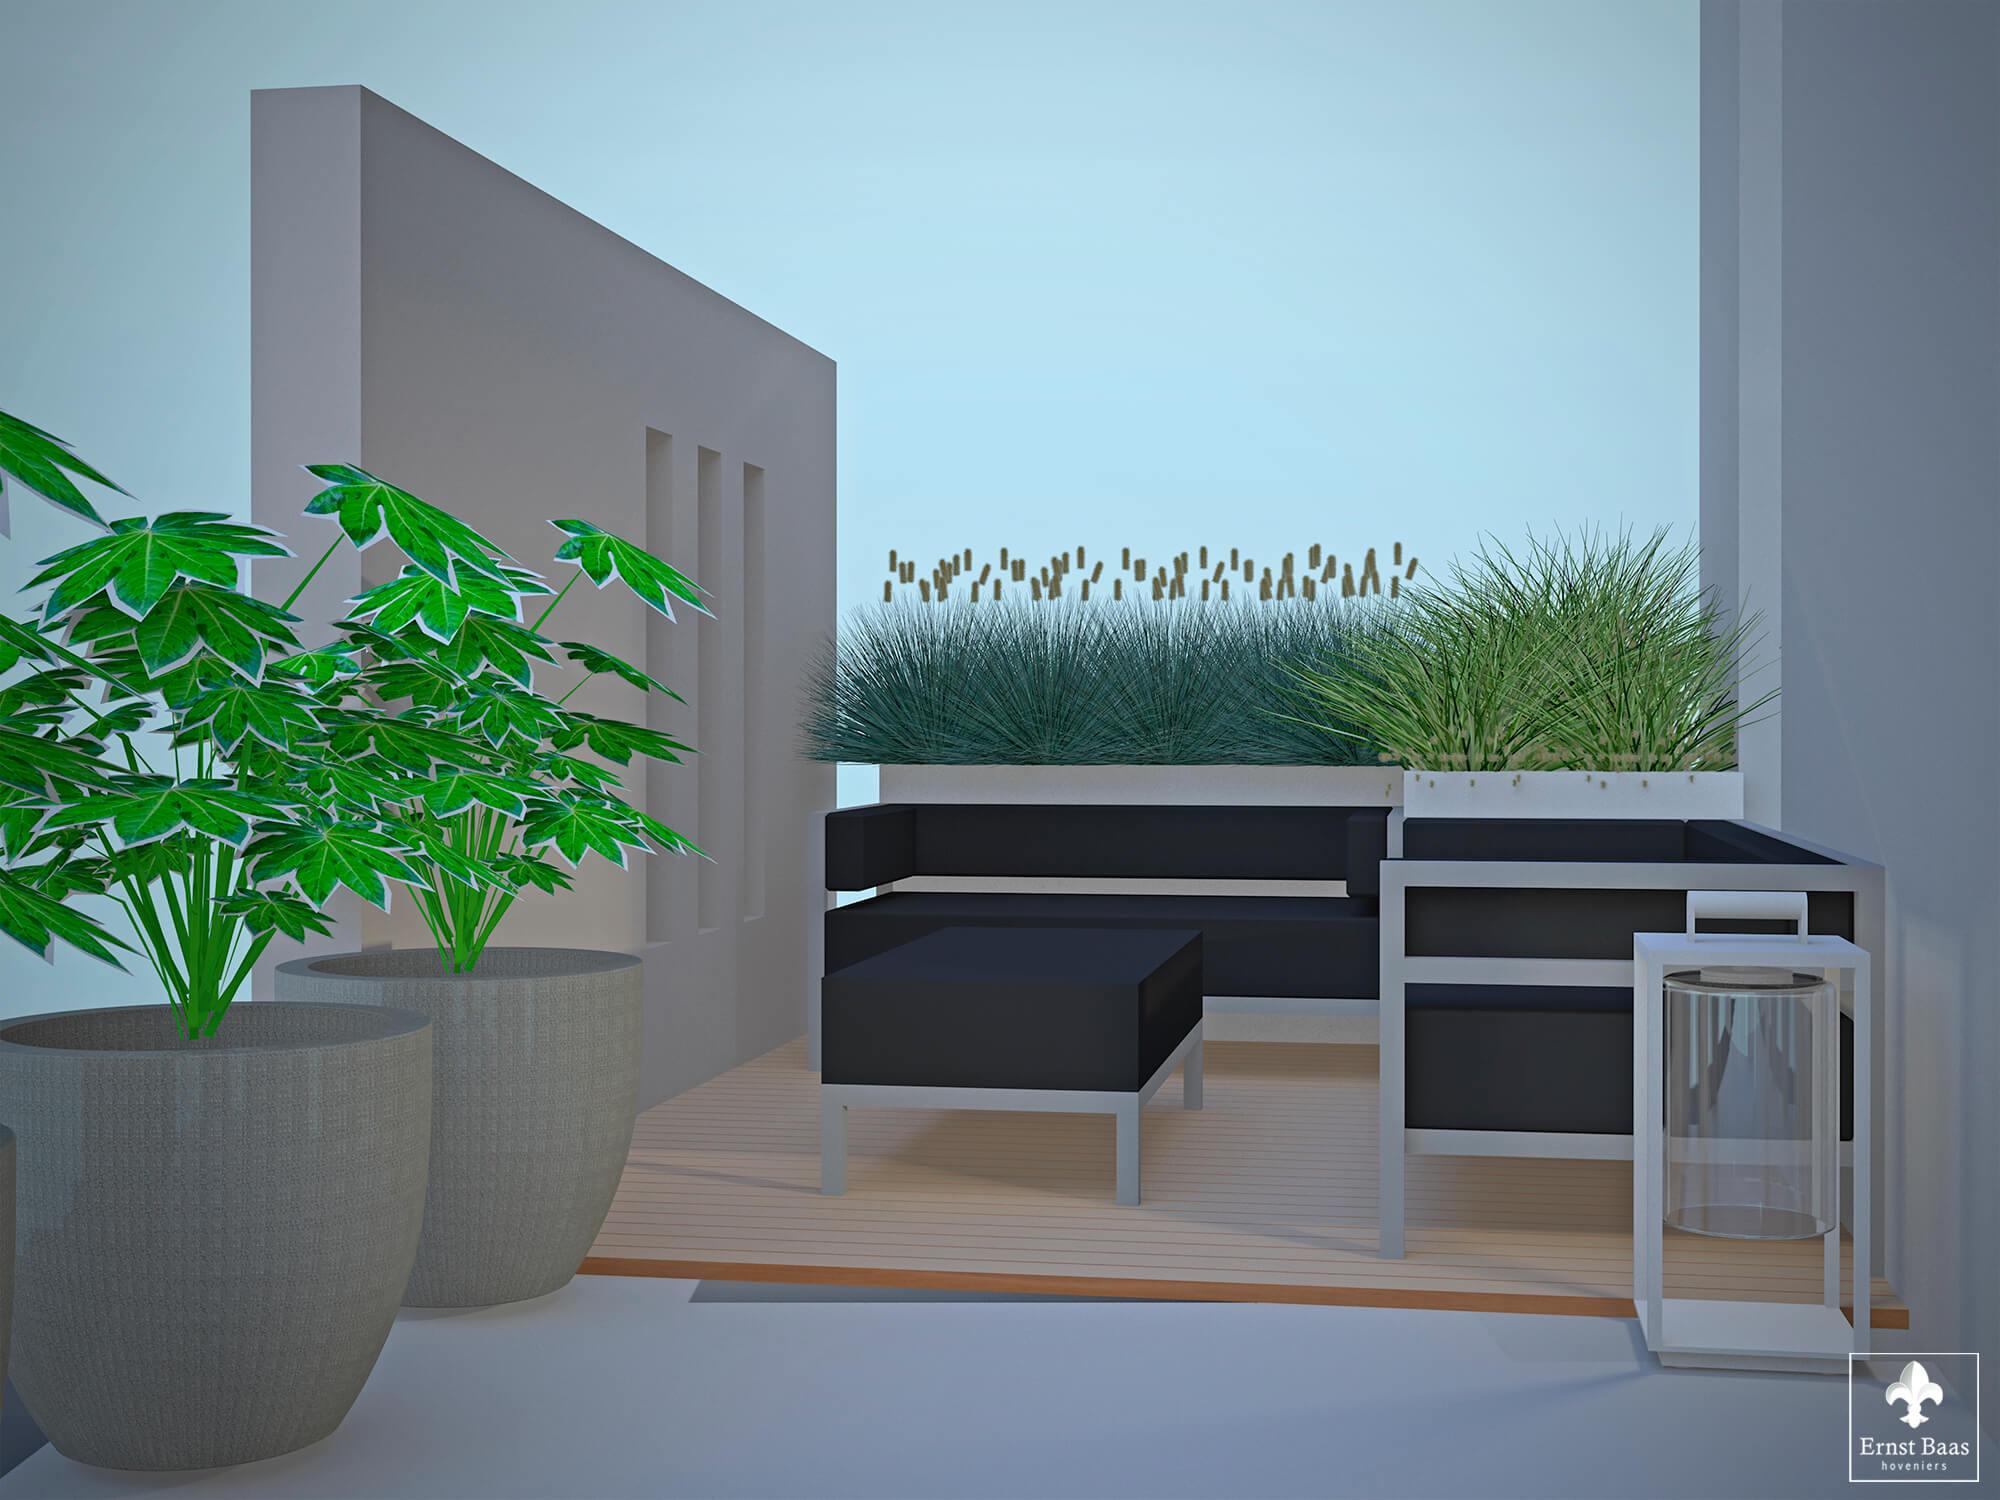 Tuin design. trendy tuindesign lammert kroesen smilde the